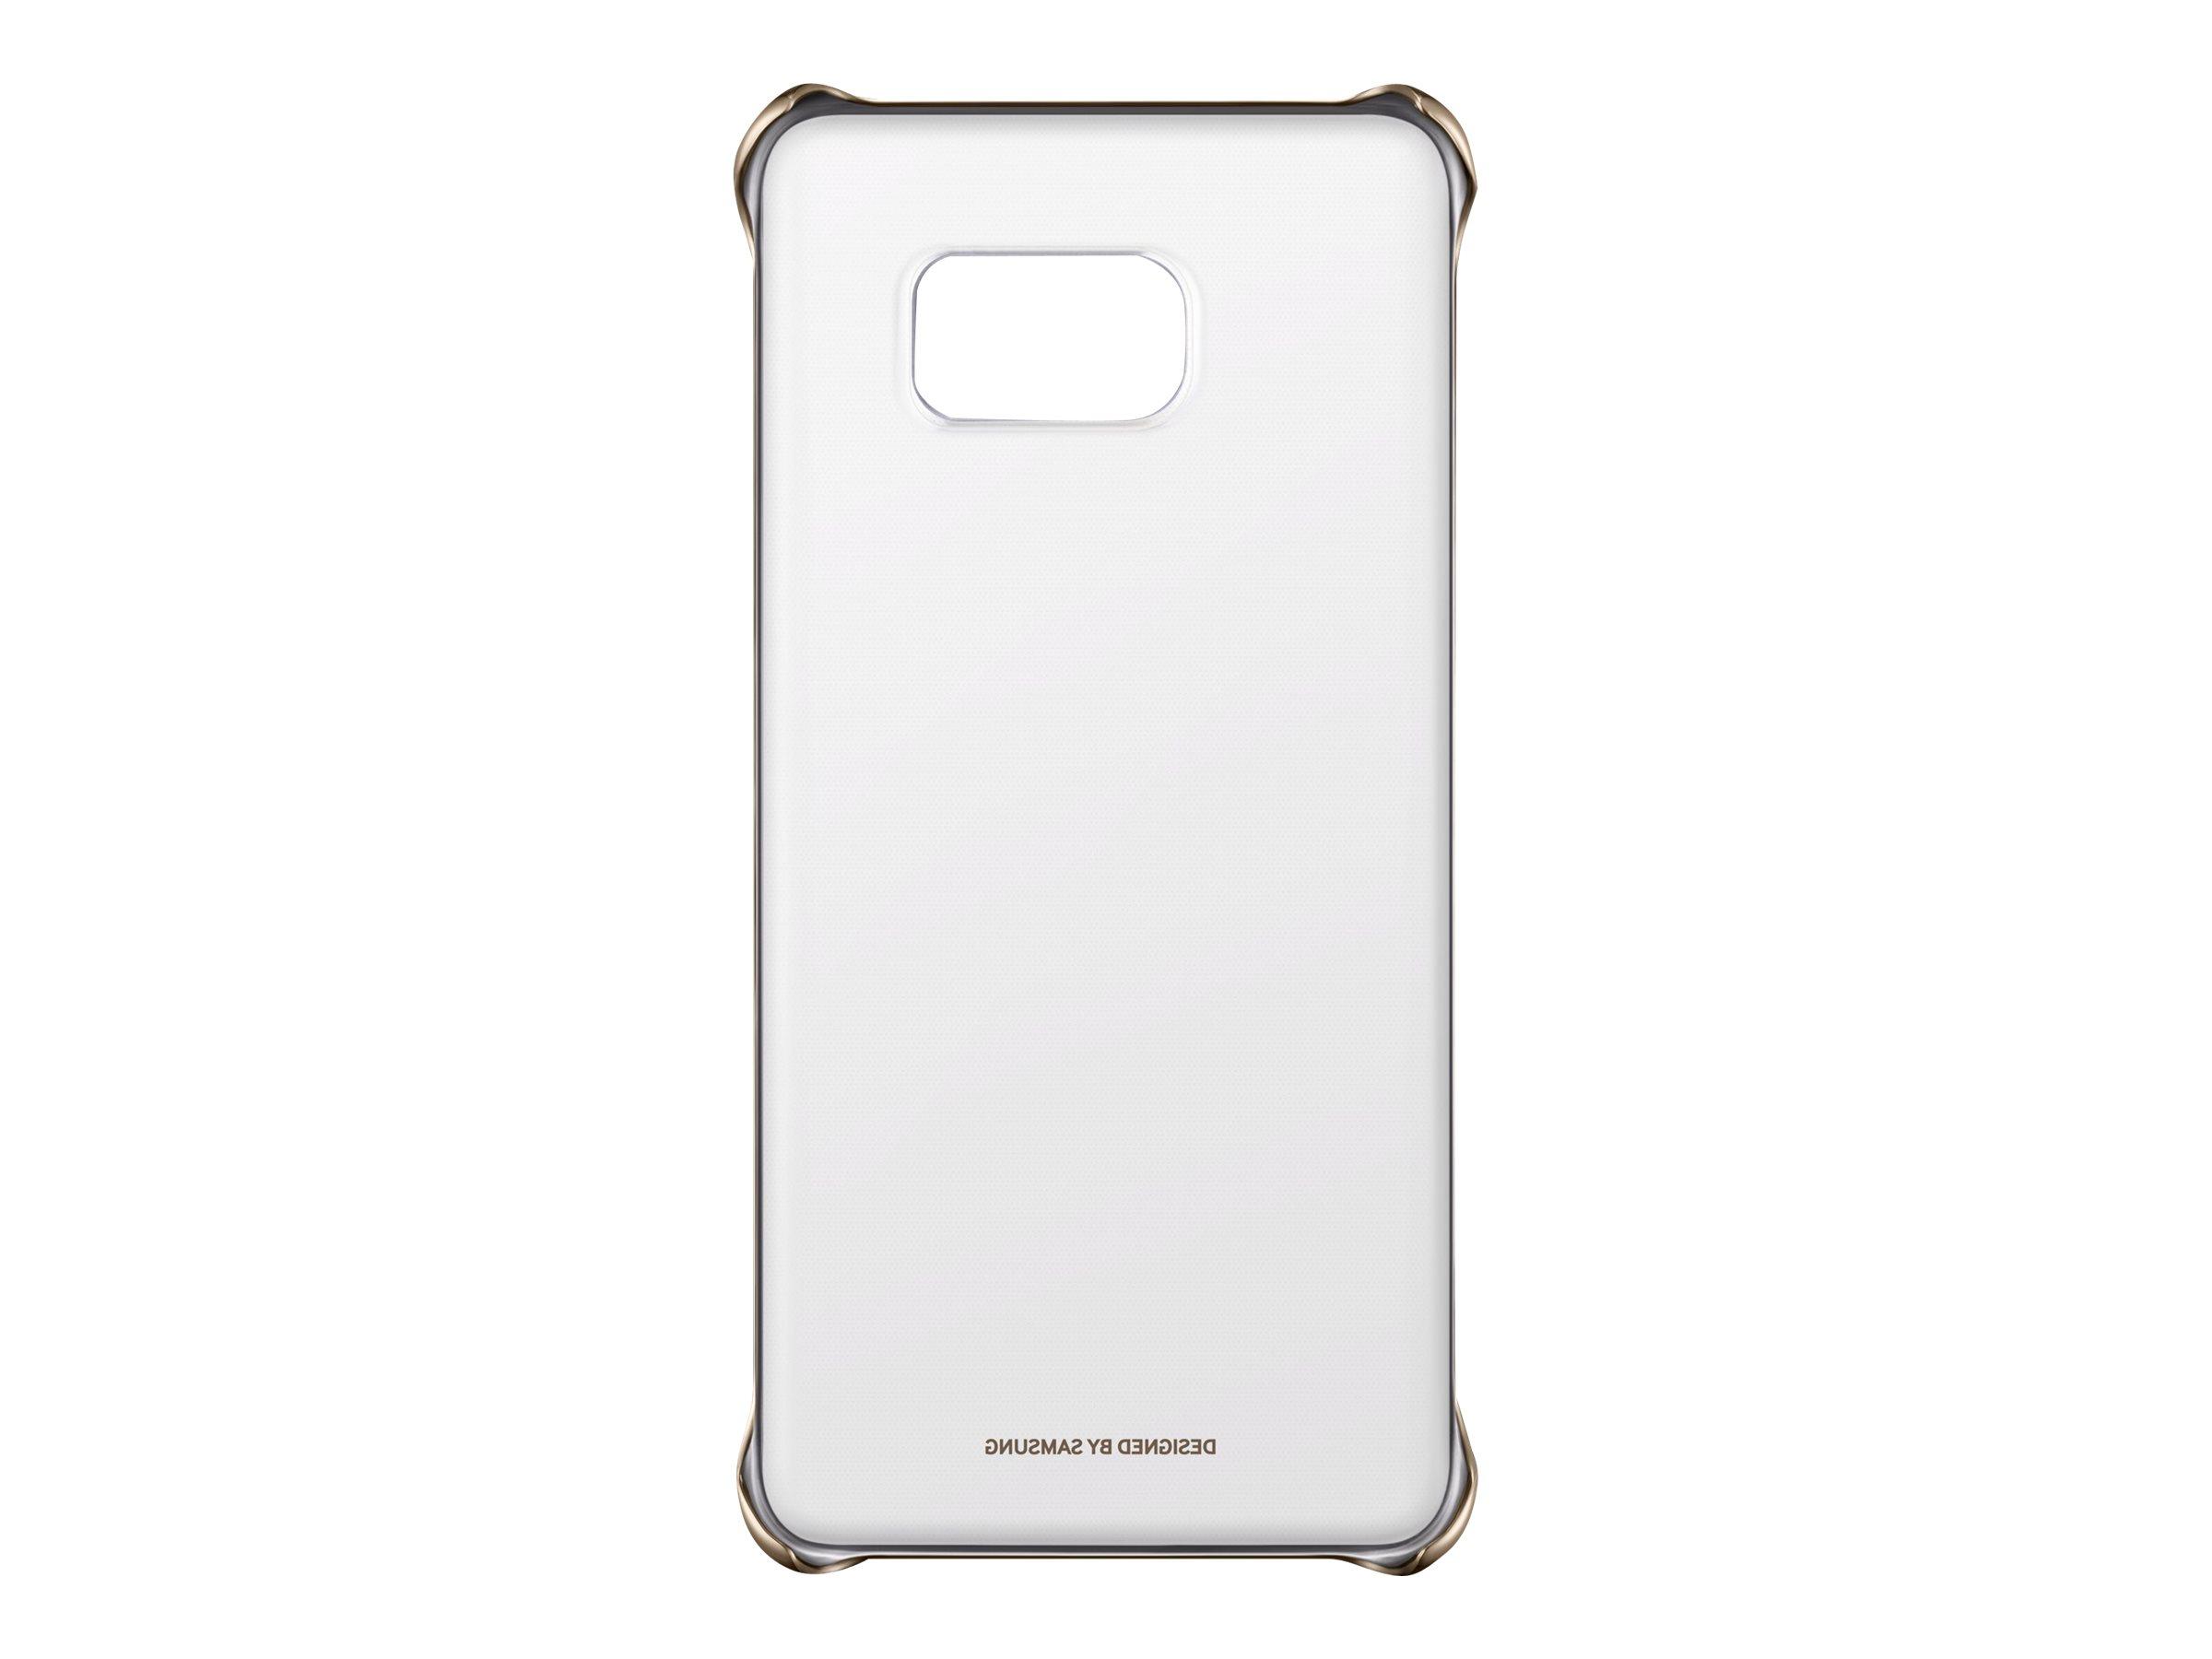 Samsung Clear Cover EF-QG928CF coque de protection pour téléphone portable